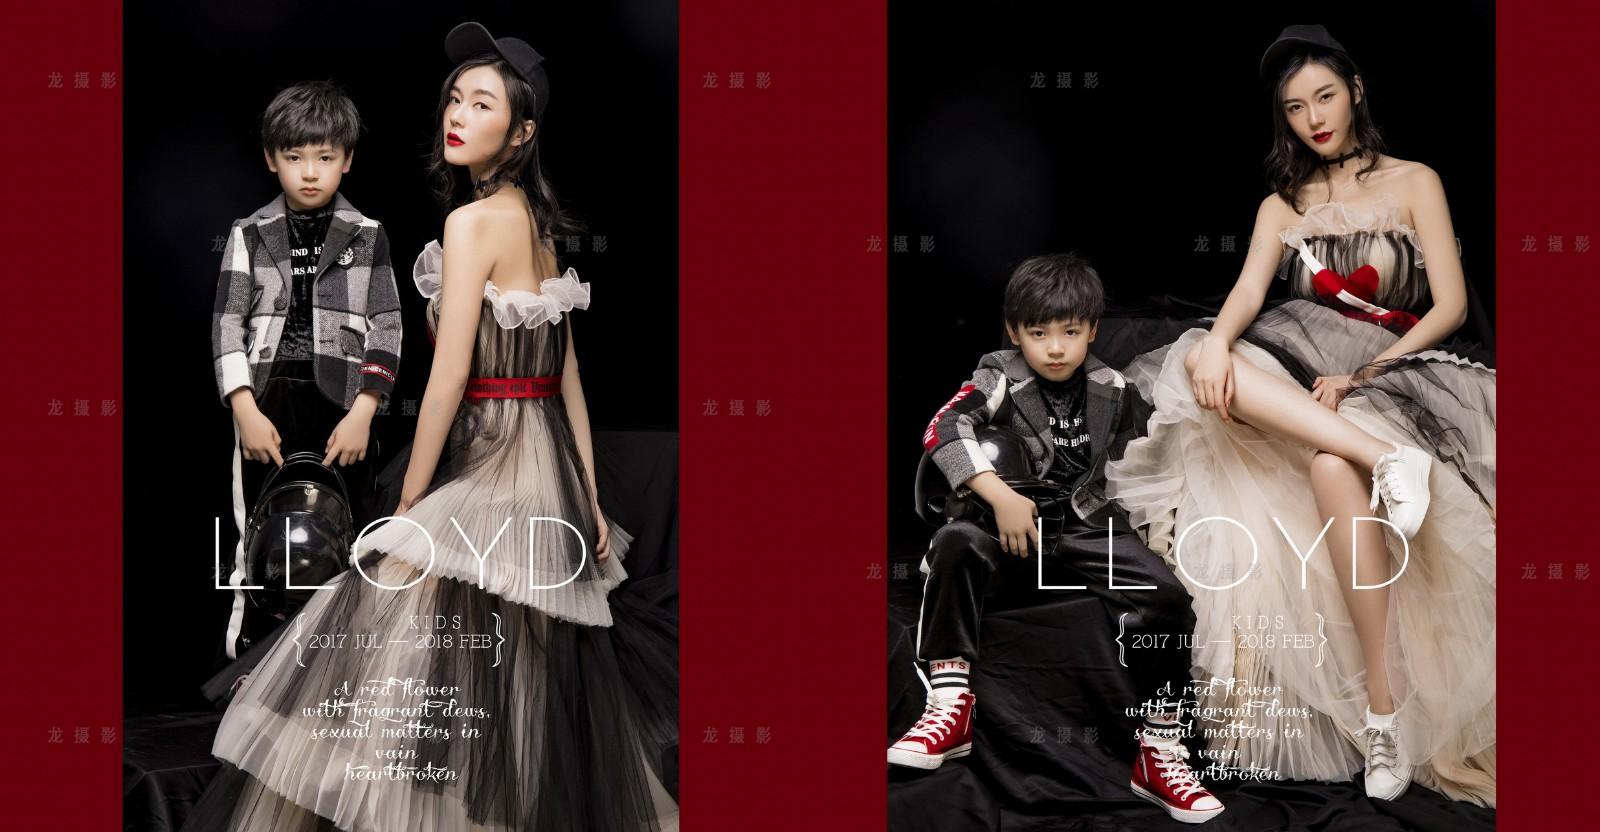 朋克系列 样片展示-朝阳尊爵龙摄影有限公司